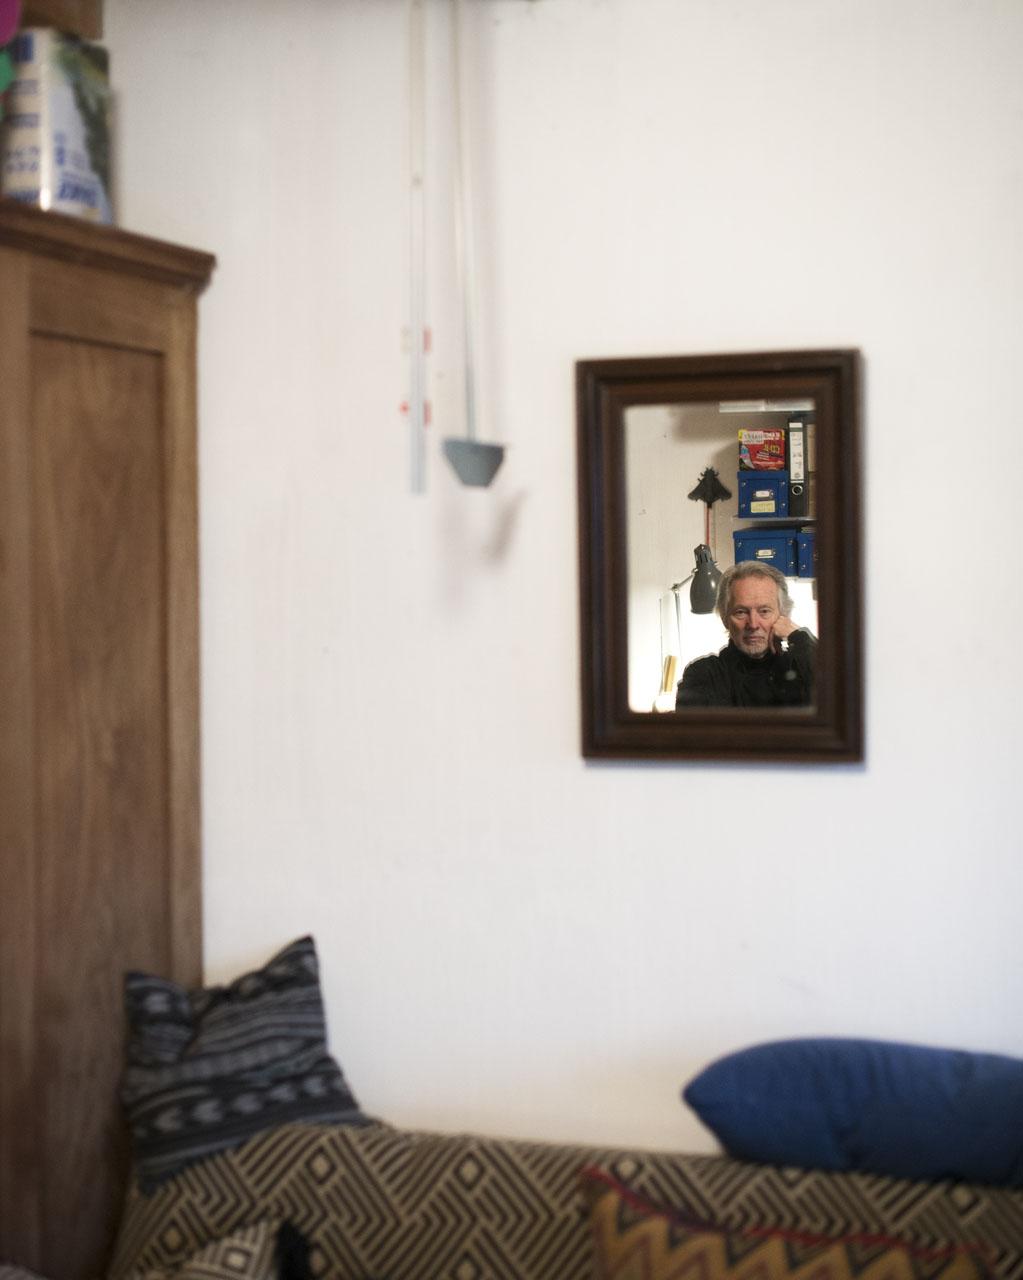 06 Klaus Voormann Zu Hause